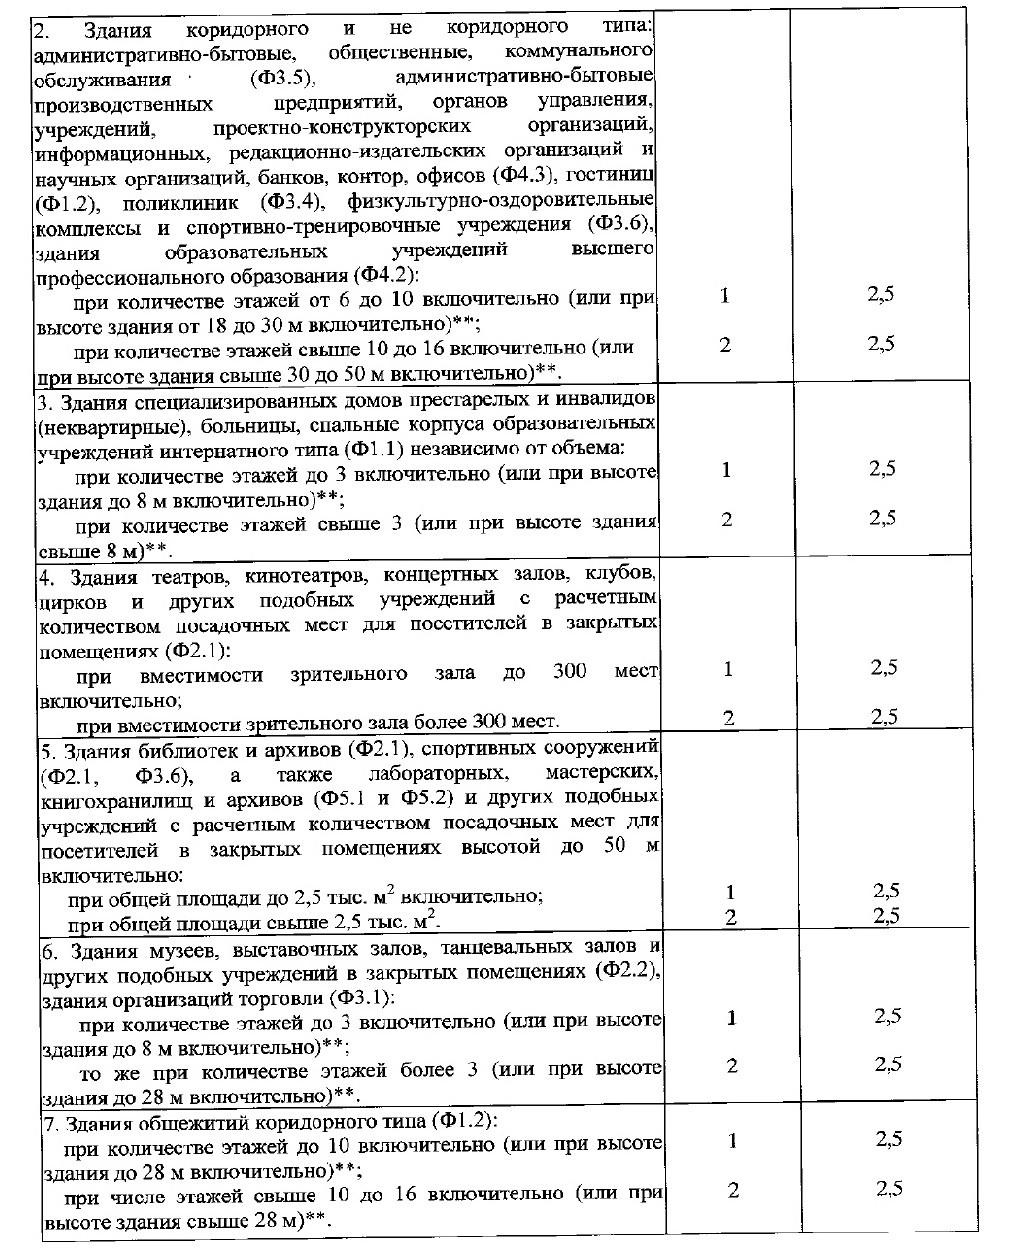 СП10.13130-2020 4